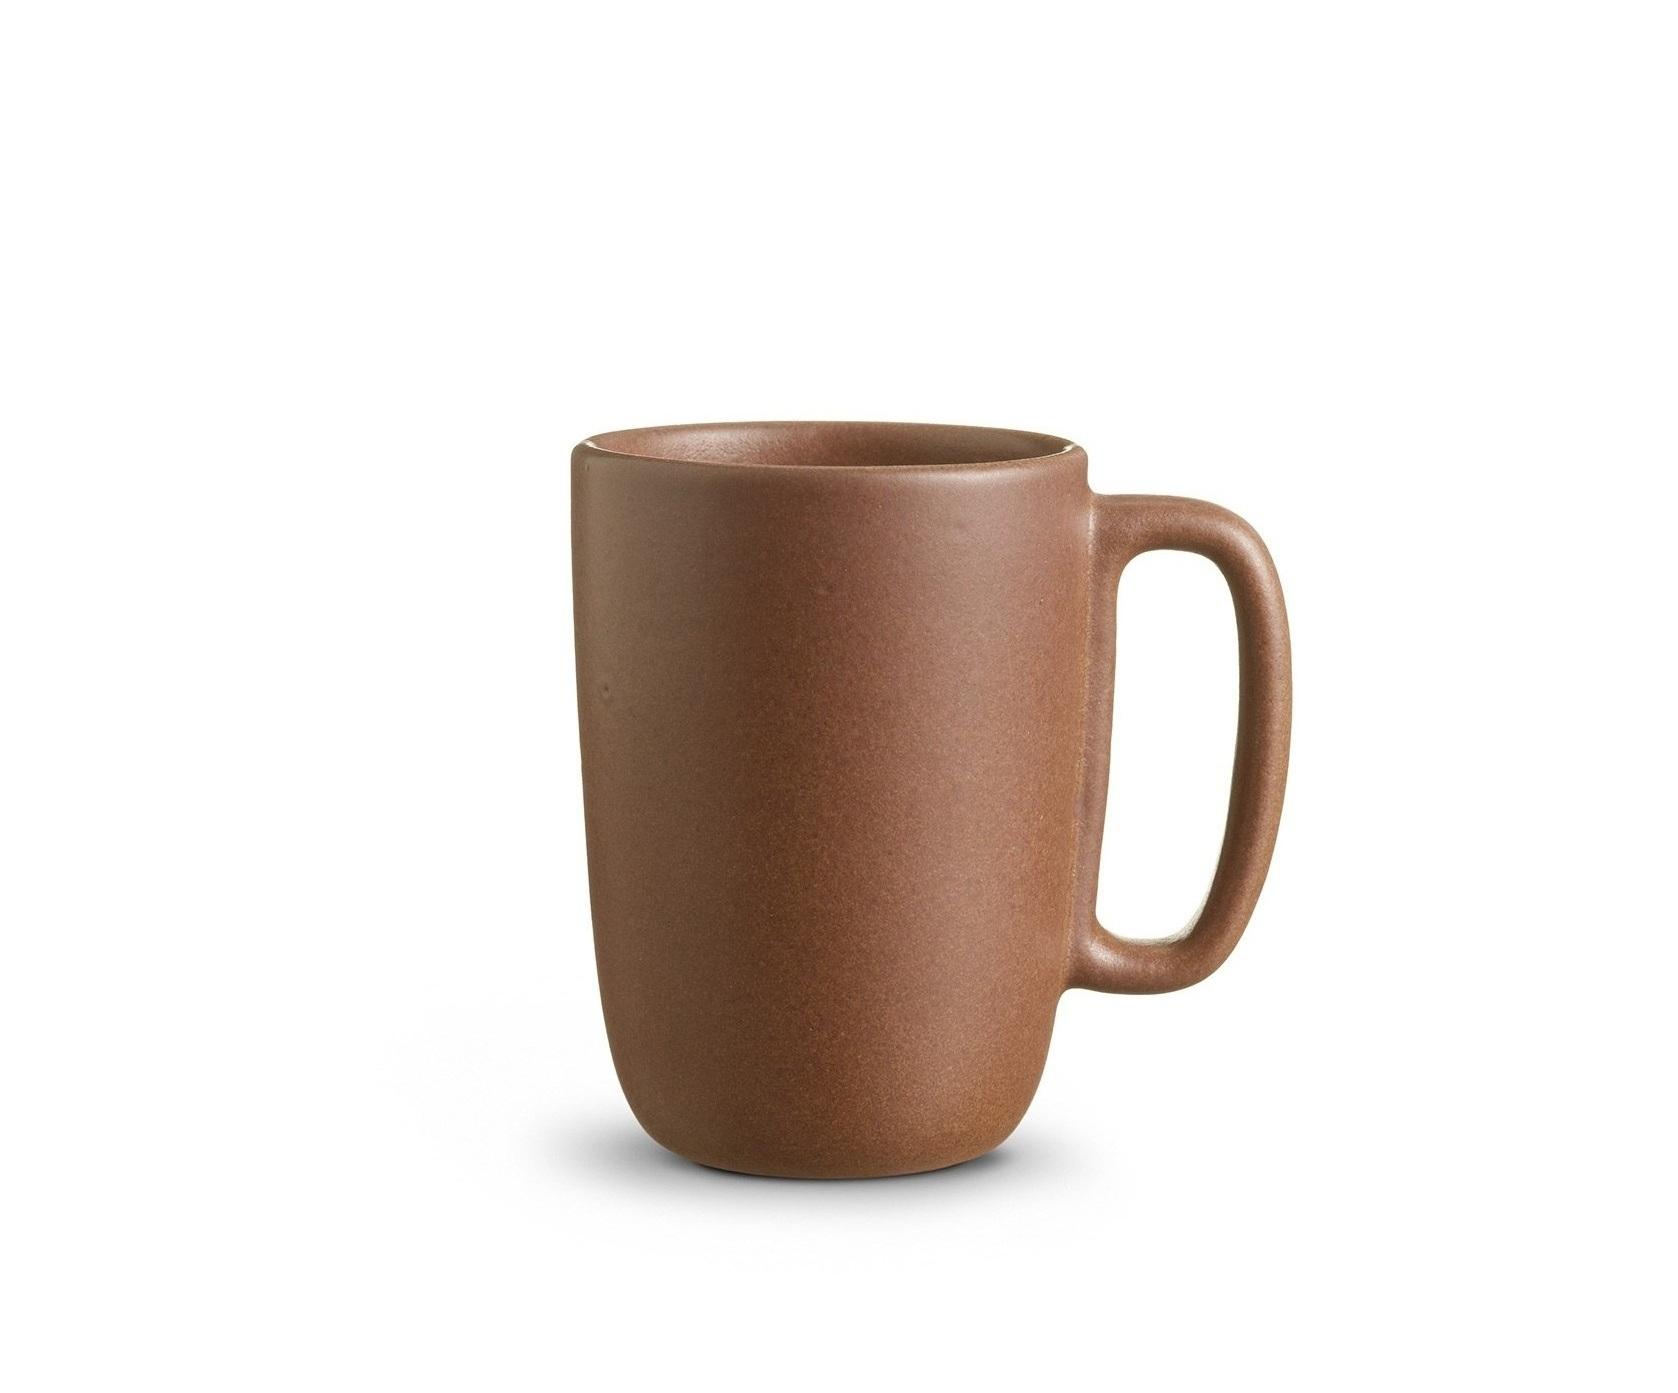 Large Mug; $36